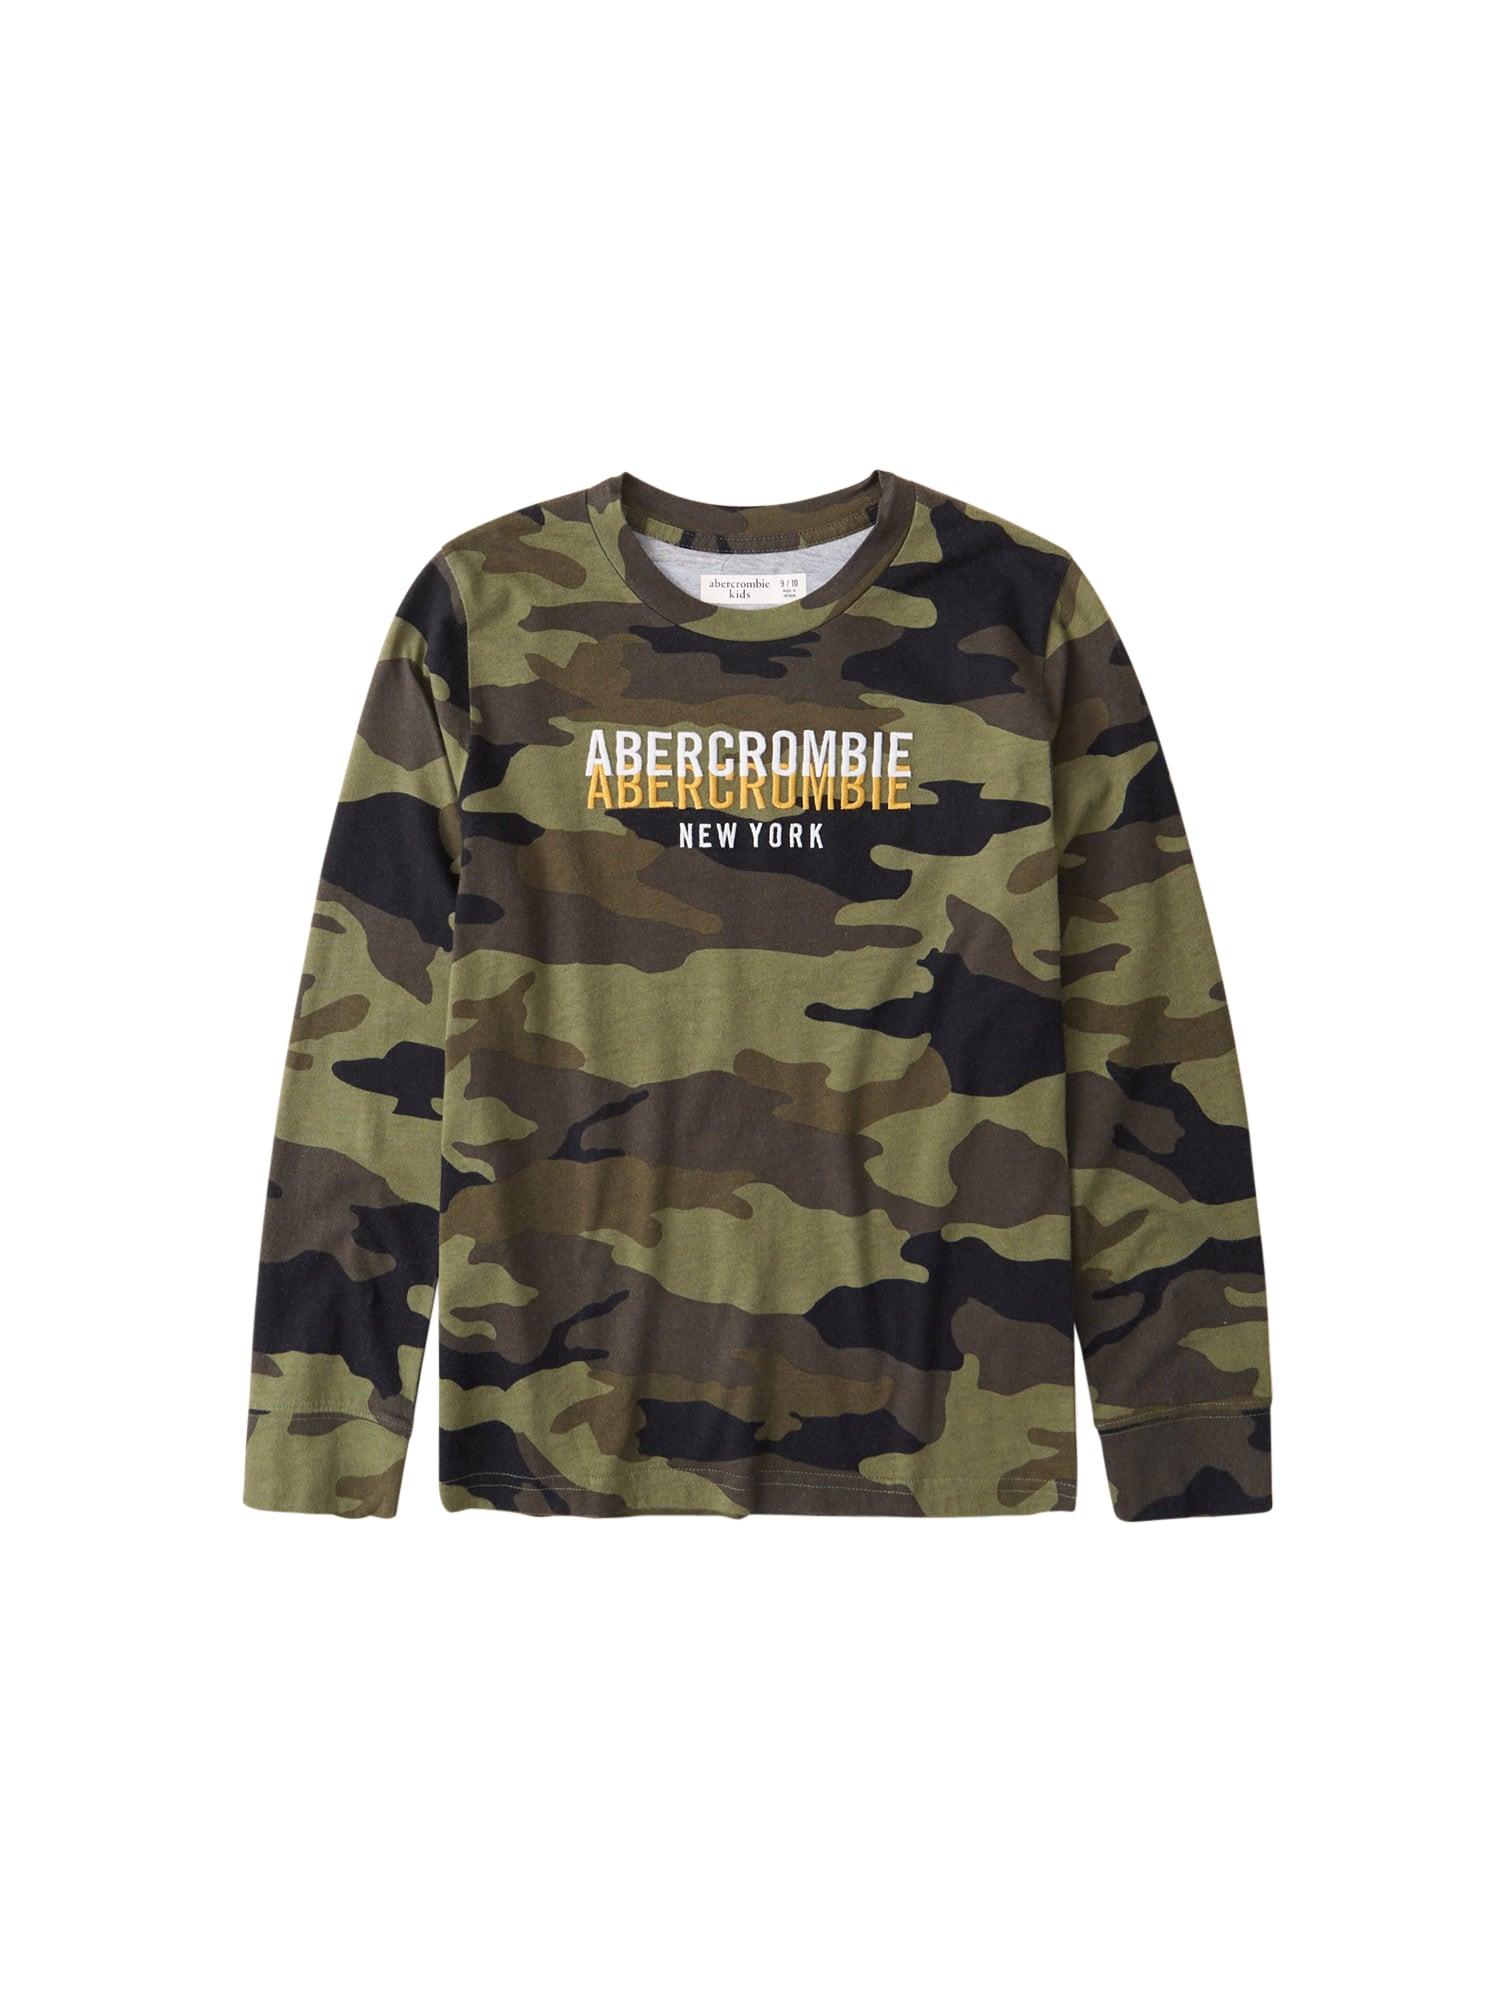 Abercrombie & Fitch Marškinėliai tamsiai žalia / ruda / kaštoninė spalva / alyvuogių spalva / balta